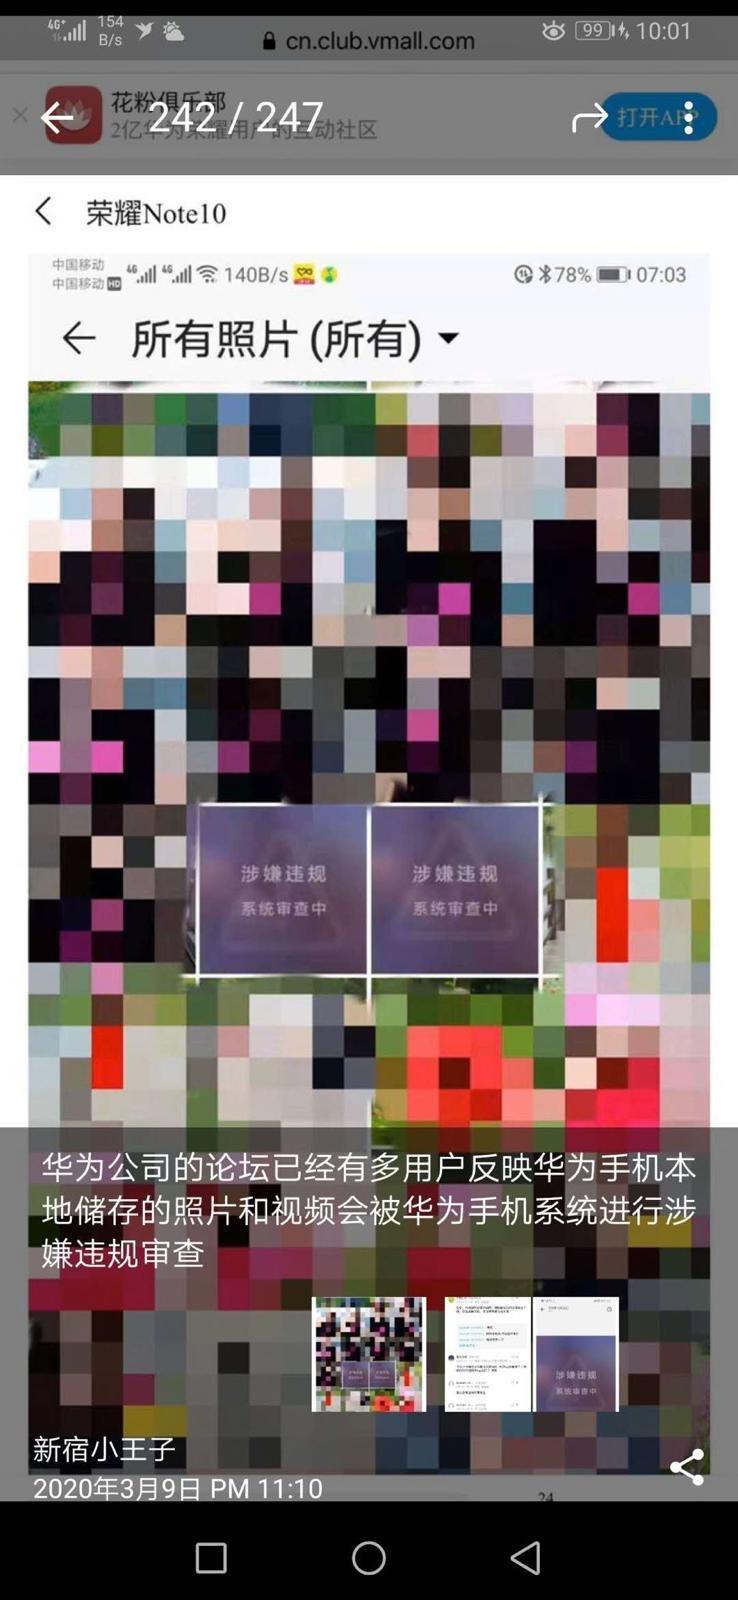 https://pbs.twimg.com/media/EVYhMazVAAANh3E?format=jpg&name=orig